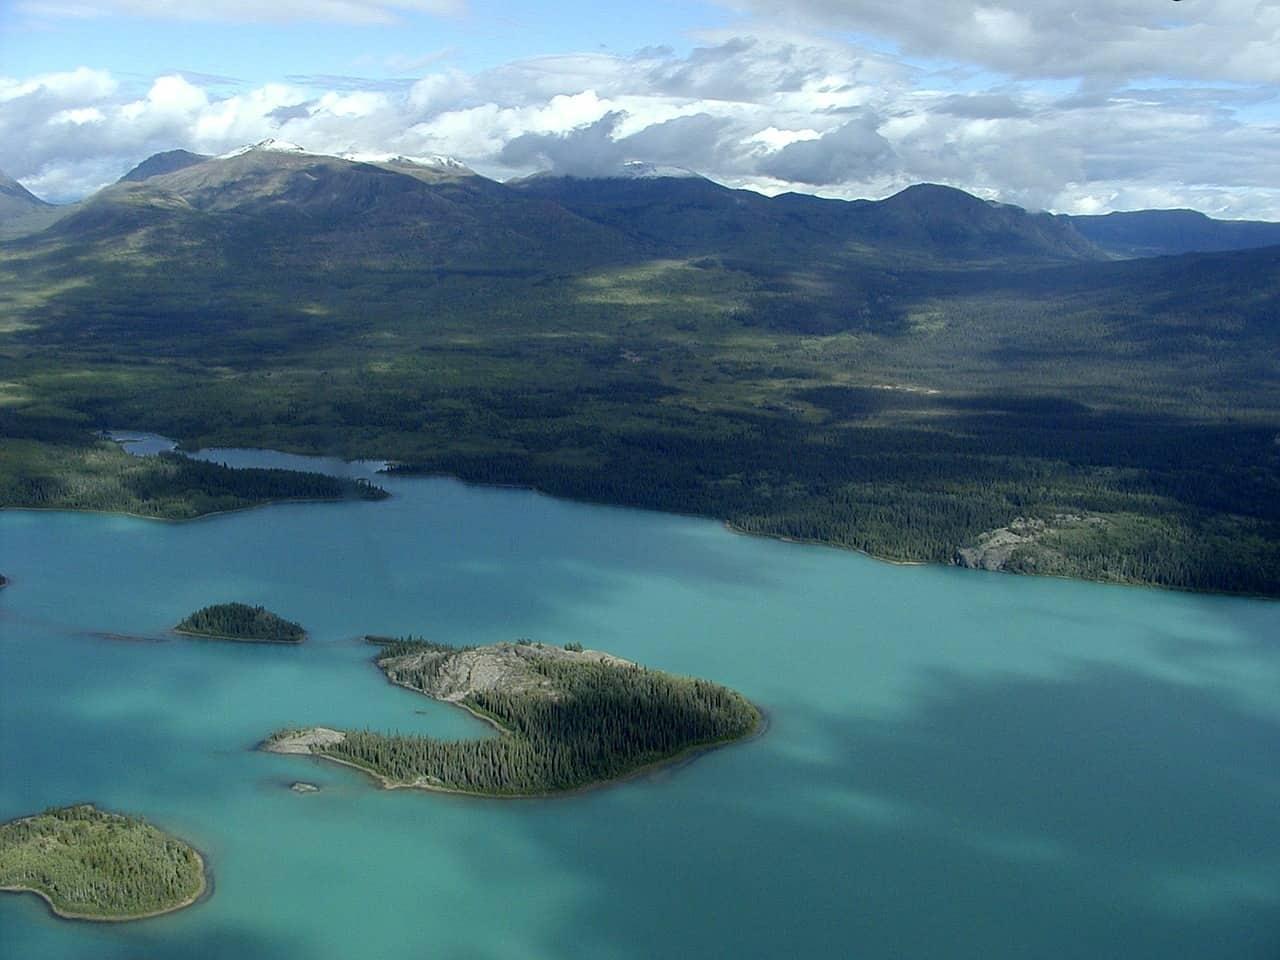 Yukon Territorium - Kanada Urlaub im Naturschutzgebiet